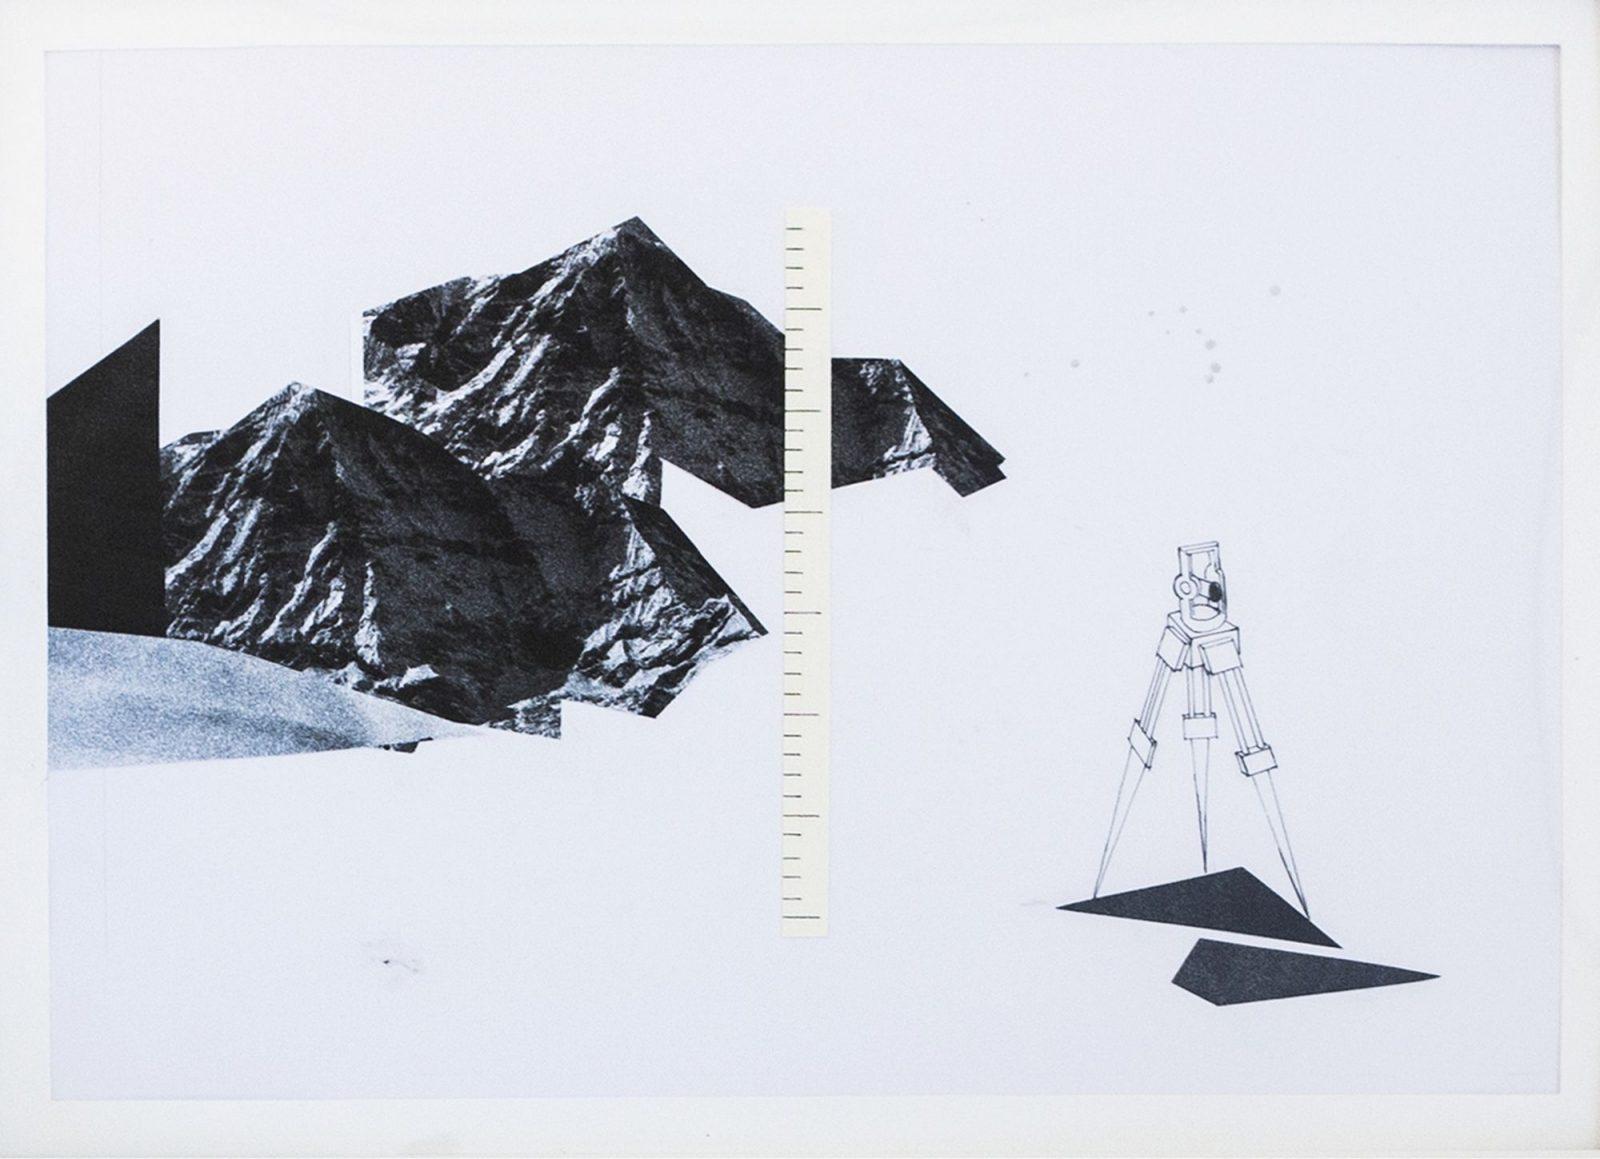 Kazi Roland: Szemrevétel